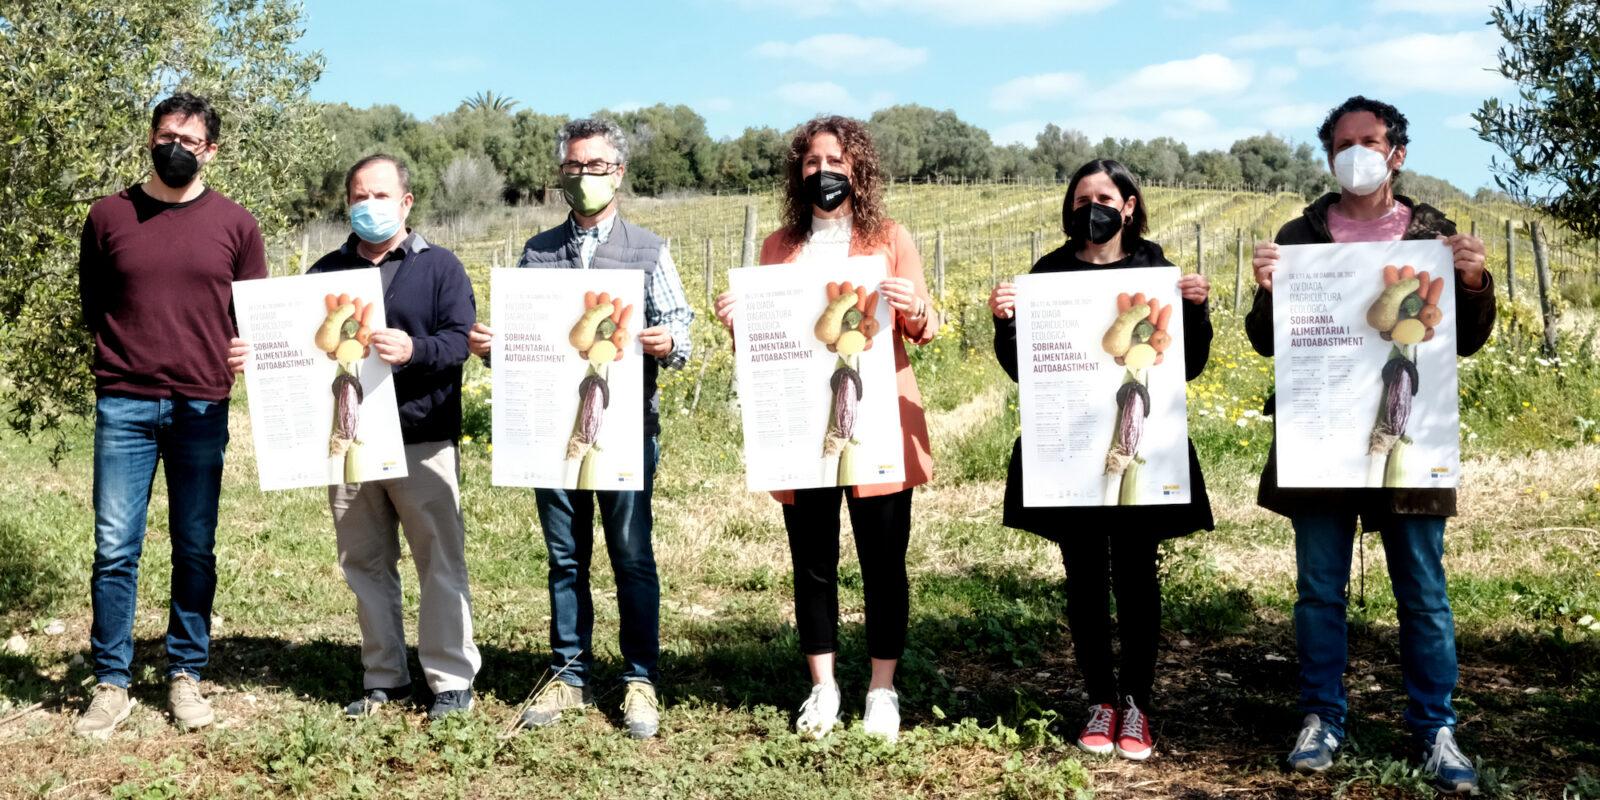 La batlessa de Porreres, amfitriona, al centre de la imatge, amb els organitzadors. Mireia Oliver, de Can Majoral, la segona per la dreta